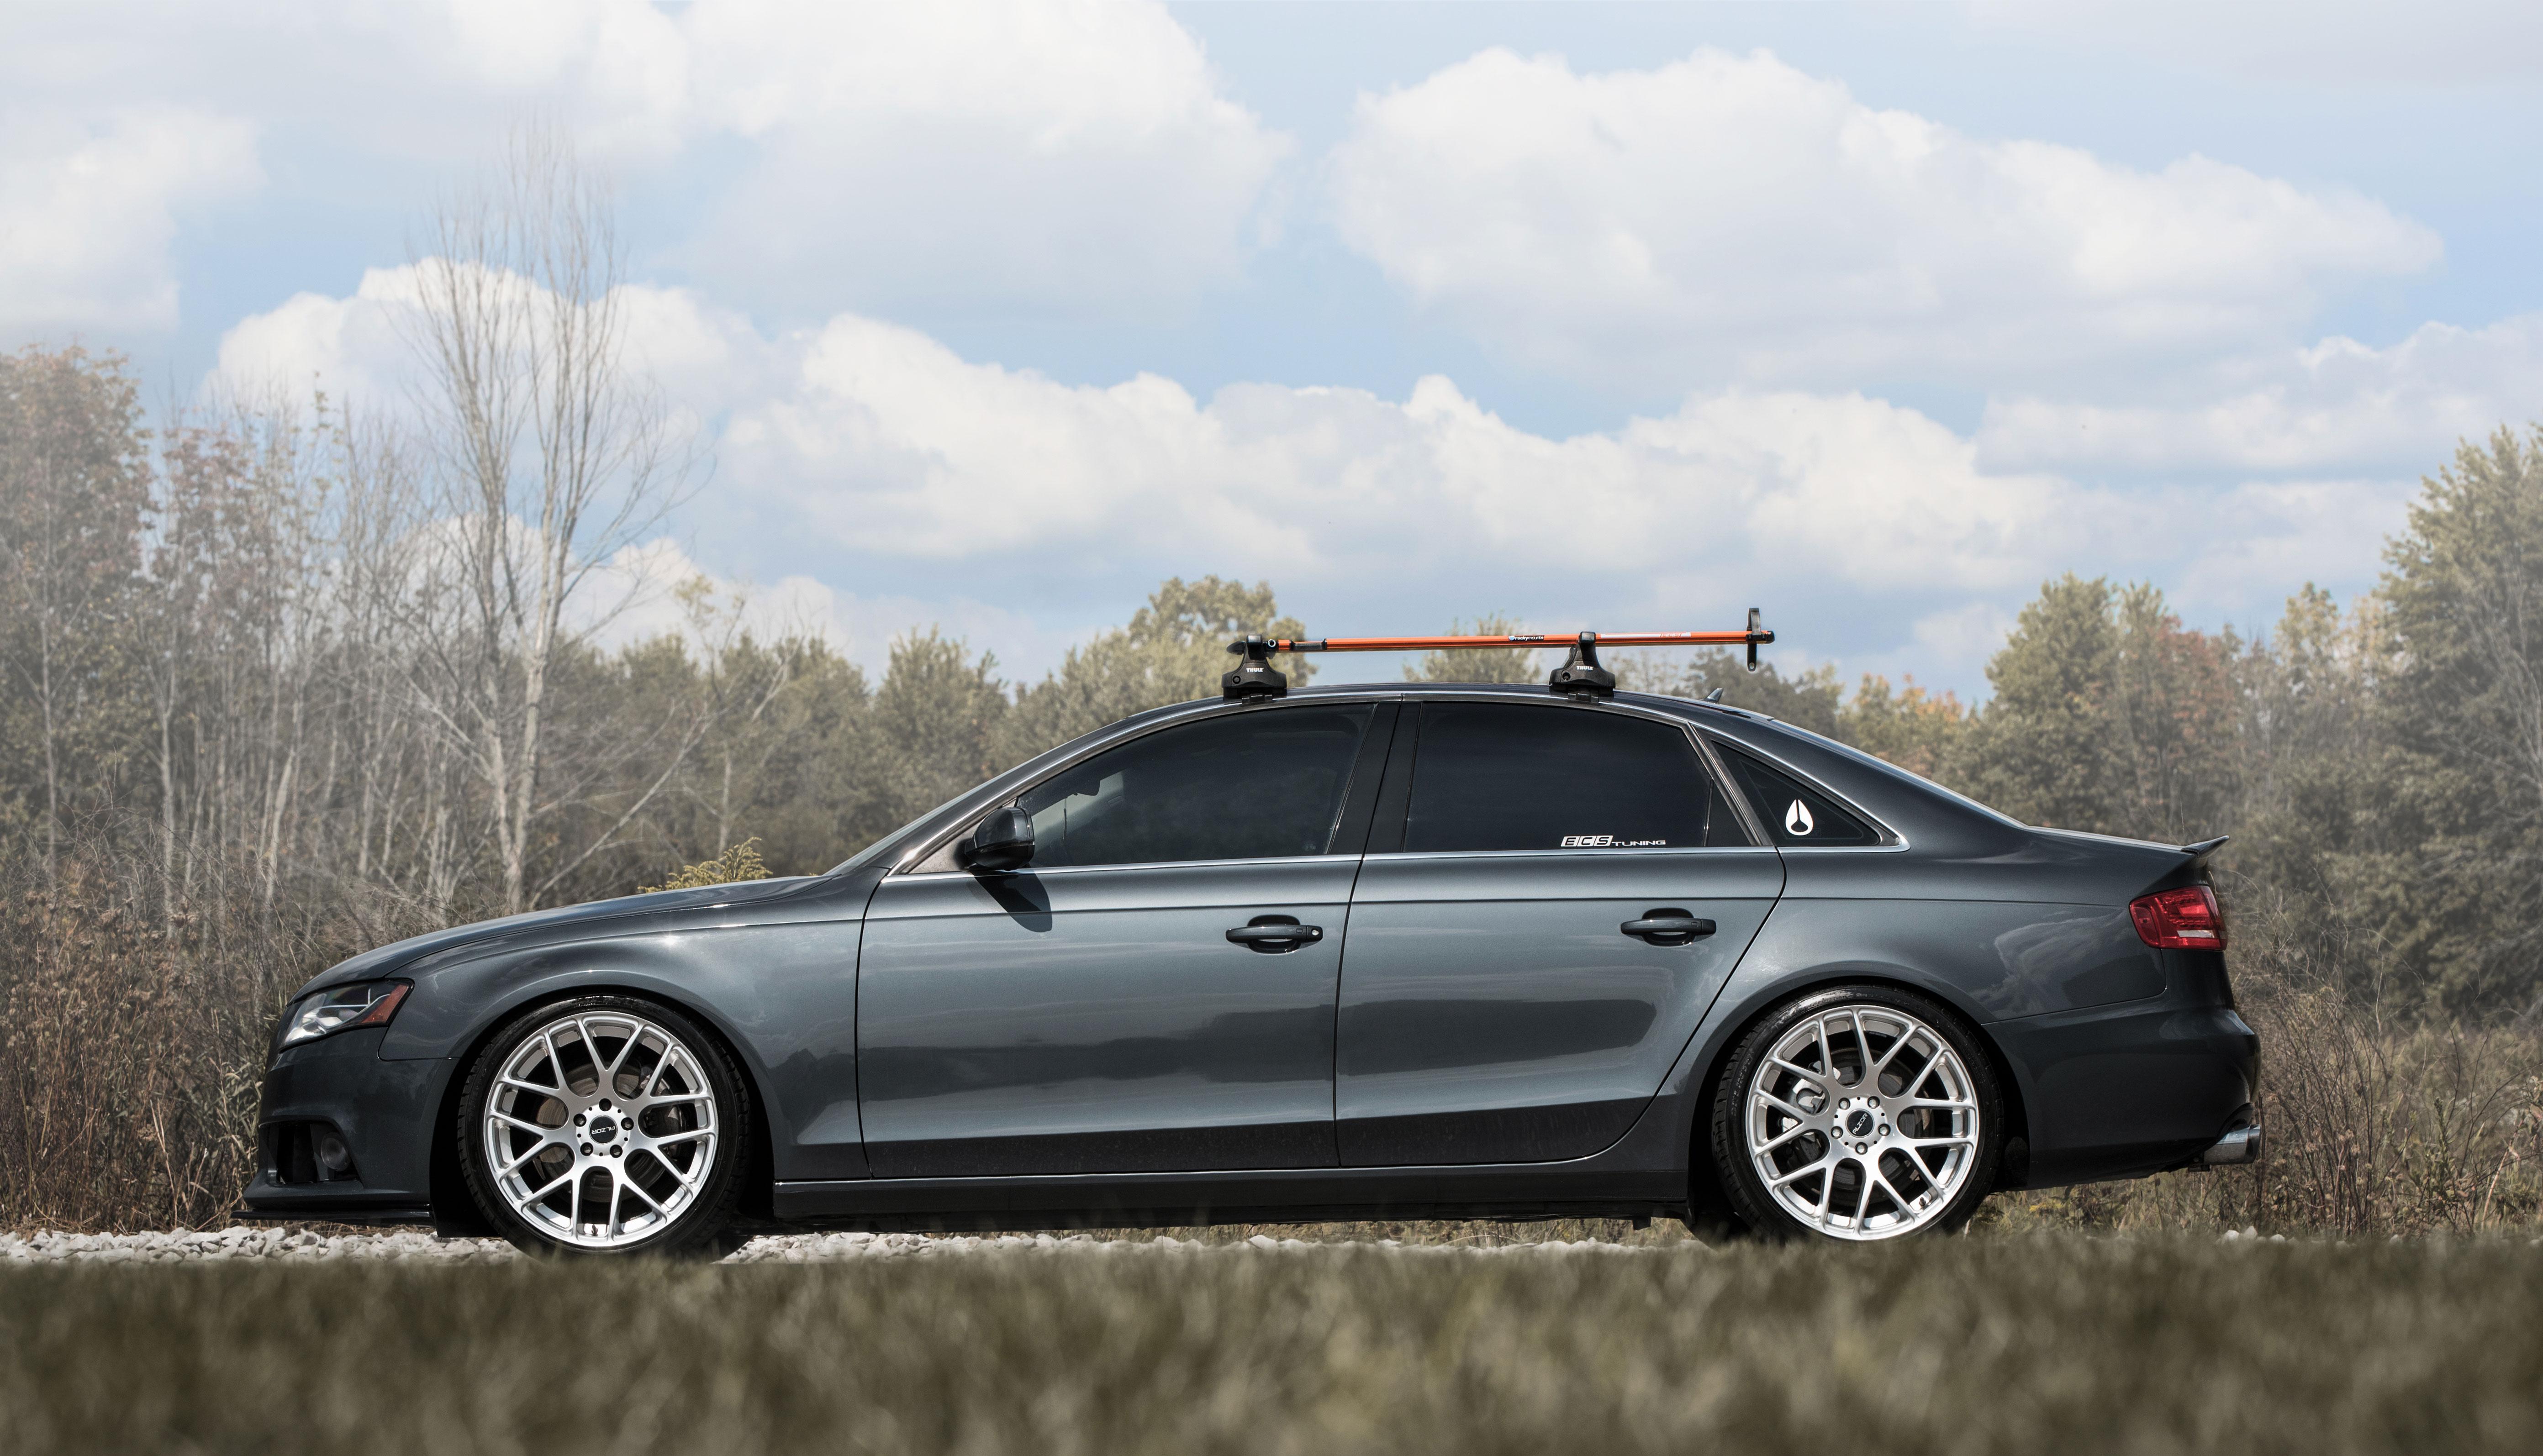 Kelebihan Kekurangan Audi B8 Perbandingan Harga